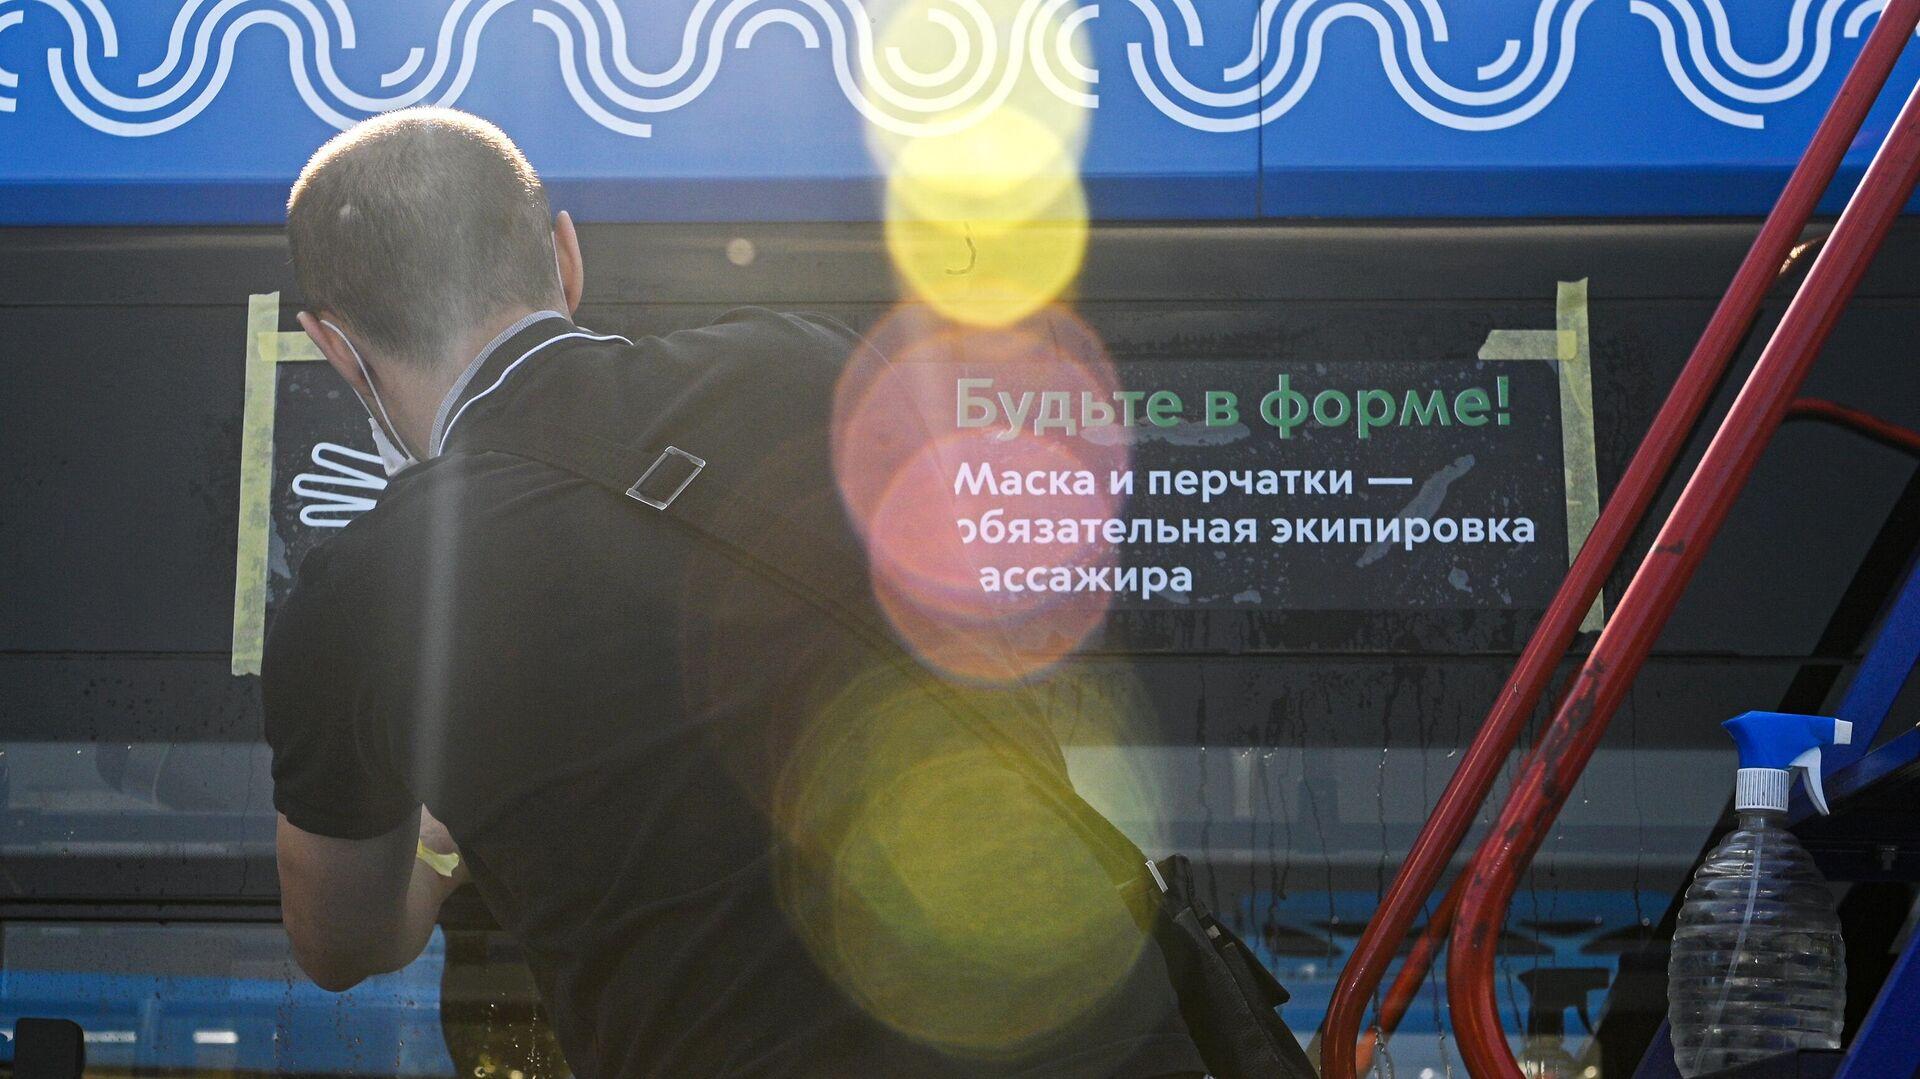 Размещение наклейки на электробусе, напоминающей о необходимости носить маски и перчатки в транспорте Москвы - РИА Новости, 1920, 02.10.2020